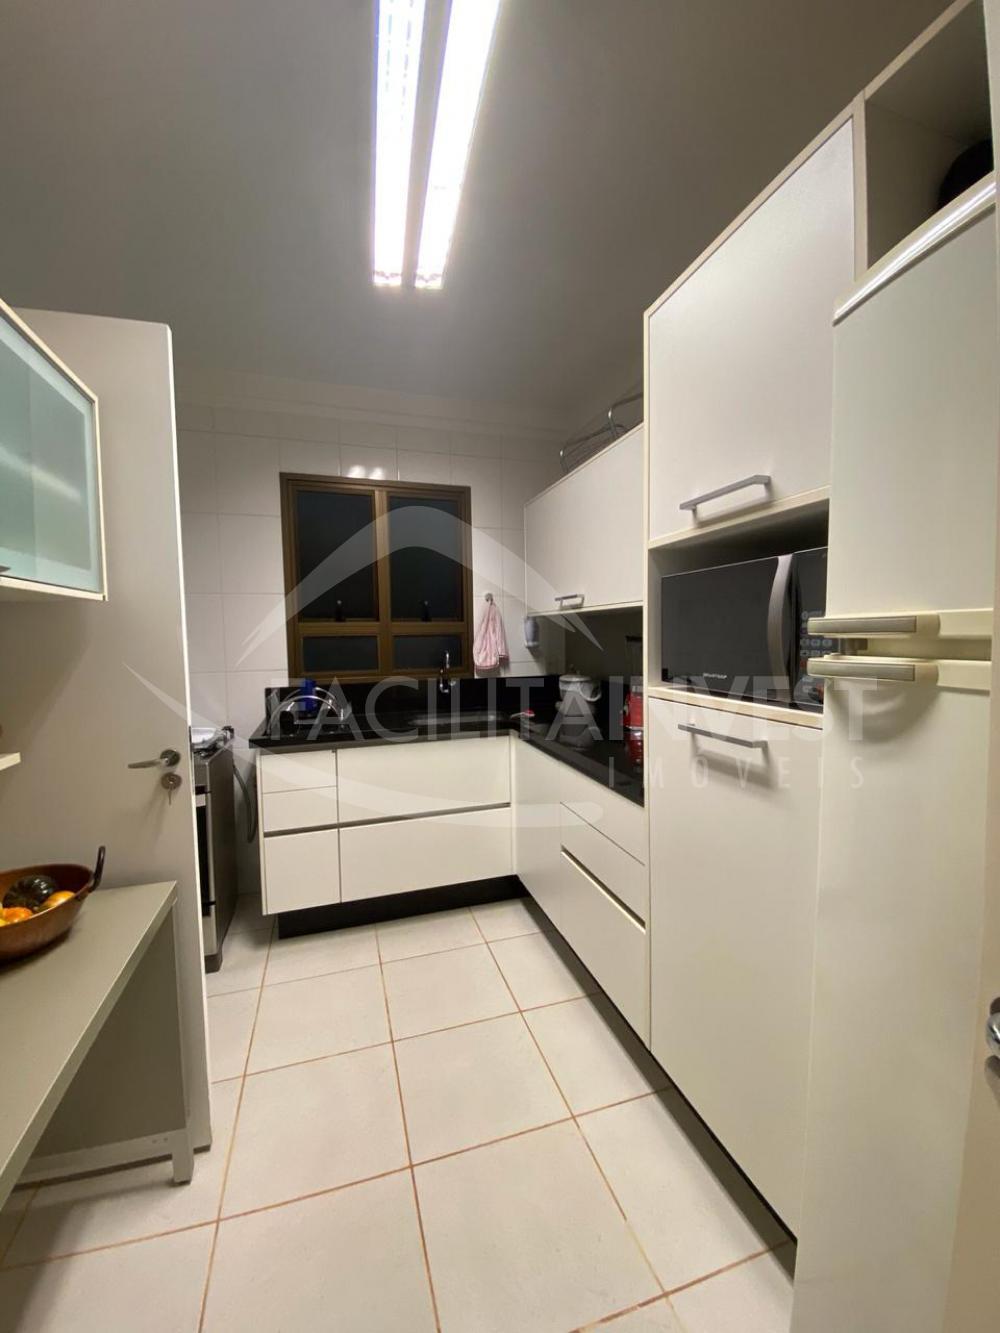 Comprar Apartamentos / Apart. Padrão em Ribeirão Preto apenas R$ 495.000,00 - Foto 4